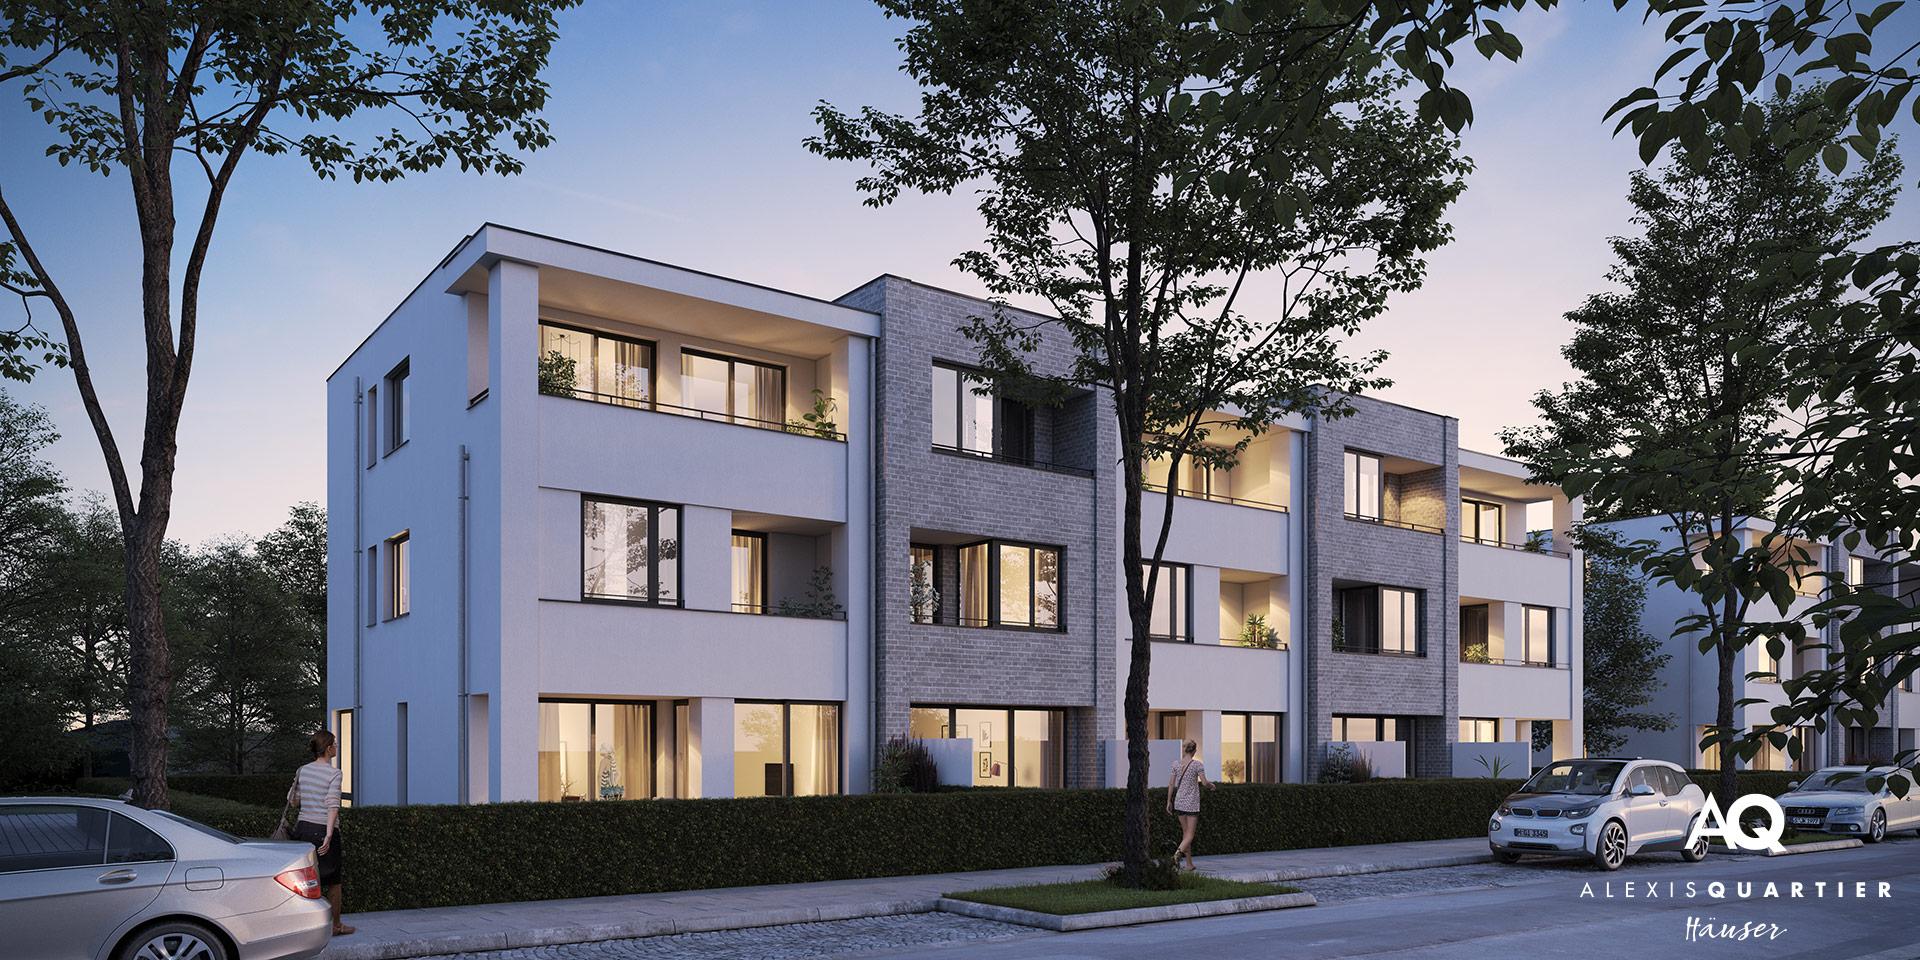 Reihenhäuser München: Alexisquartier